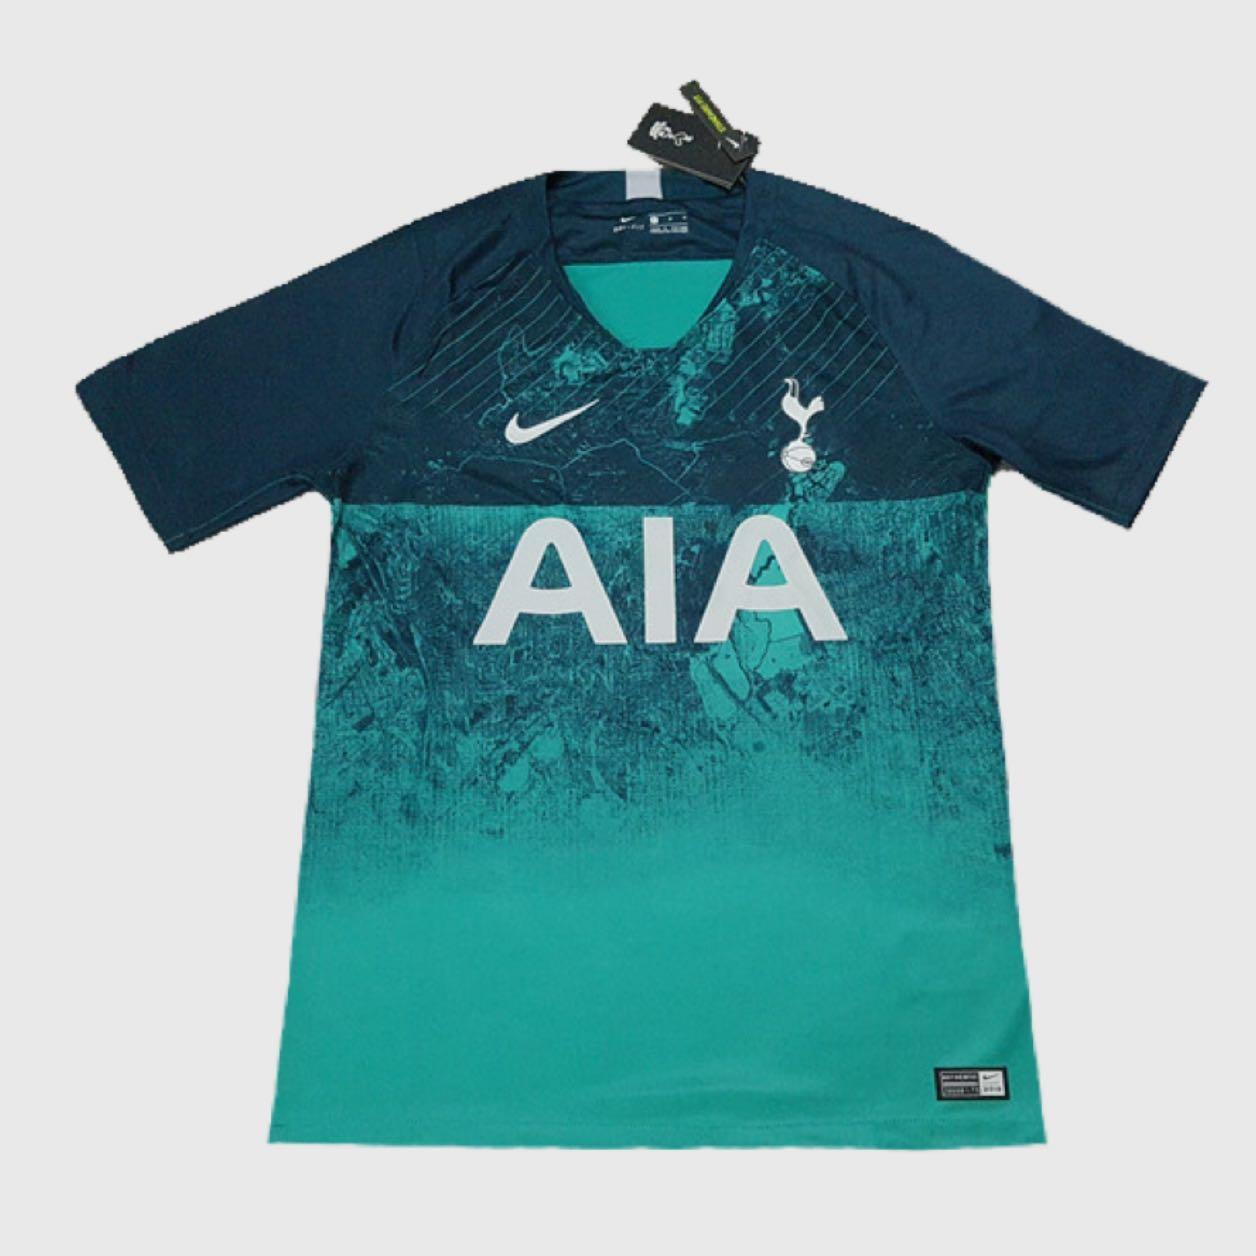 hot sale online 1e3e7 6b24c ❗️SALE❗️Tottenham Spurs 18-19 Home/Away/Third Jersey ...